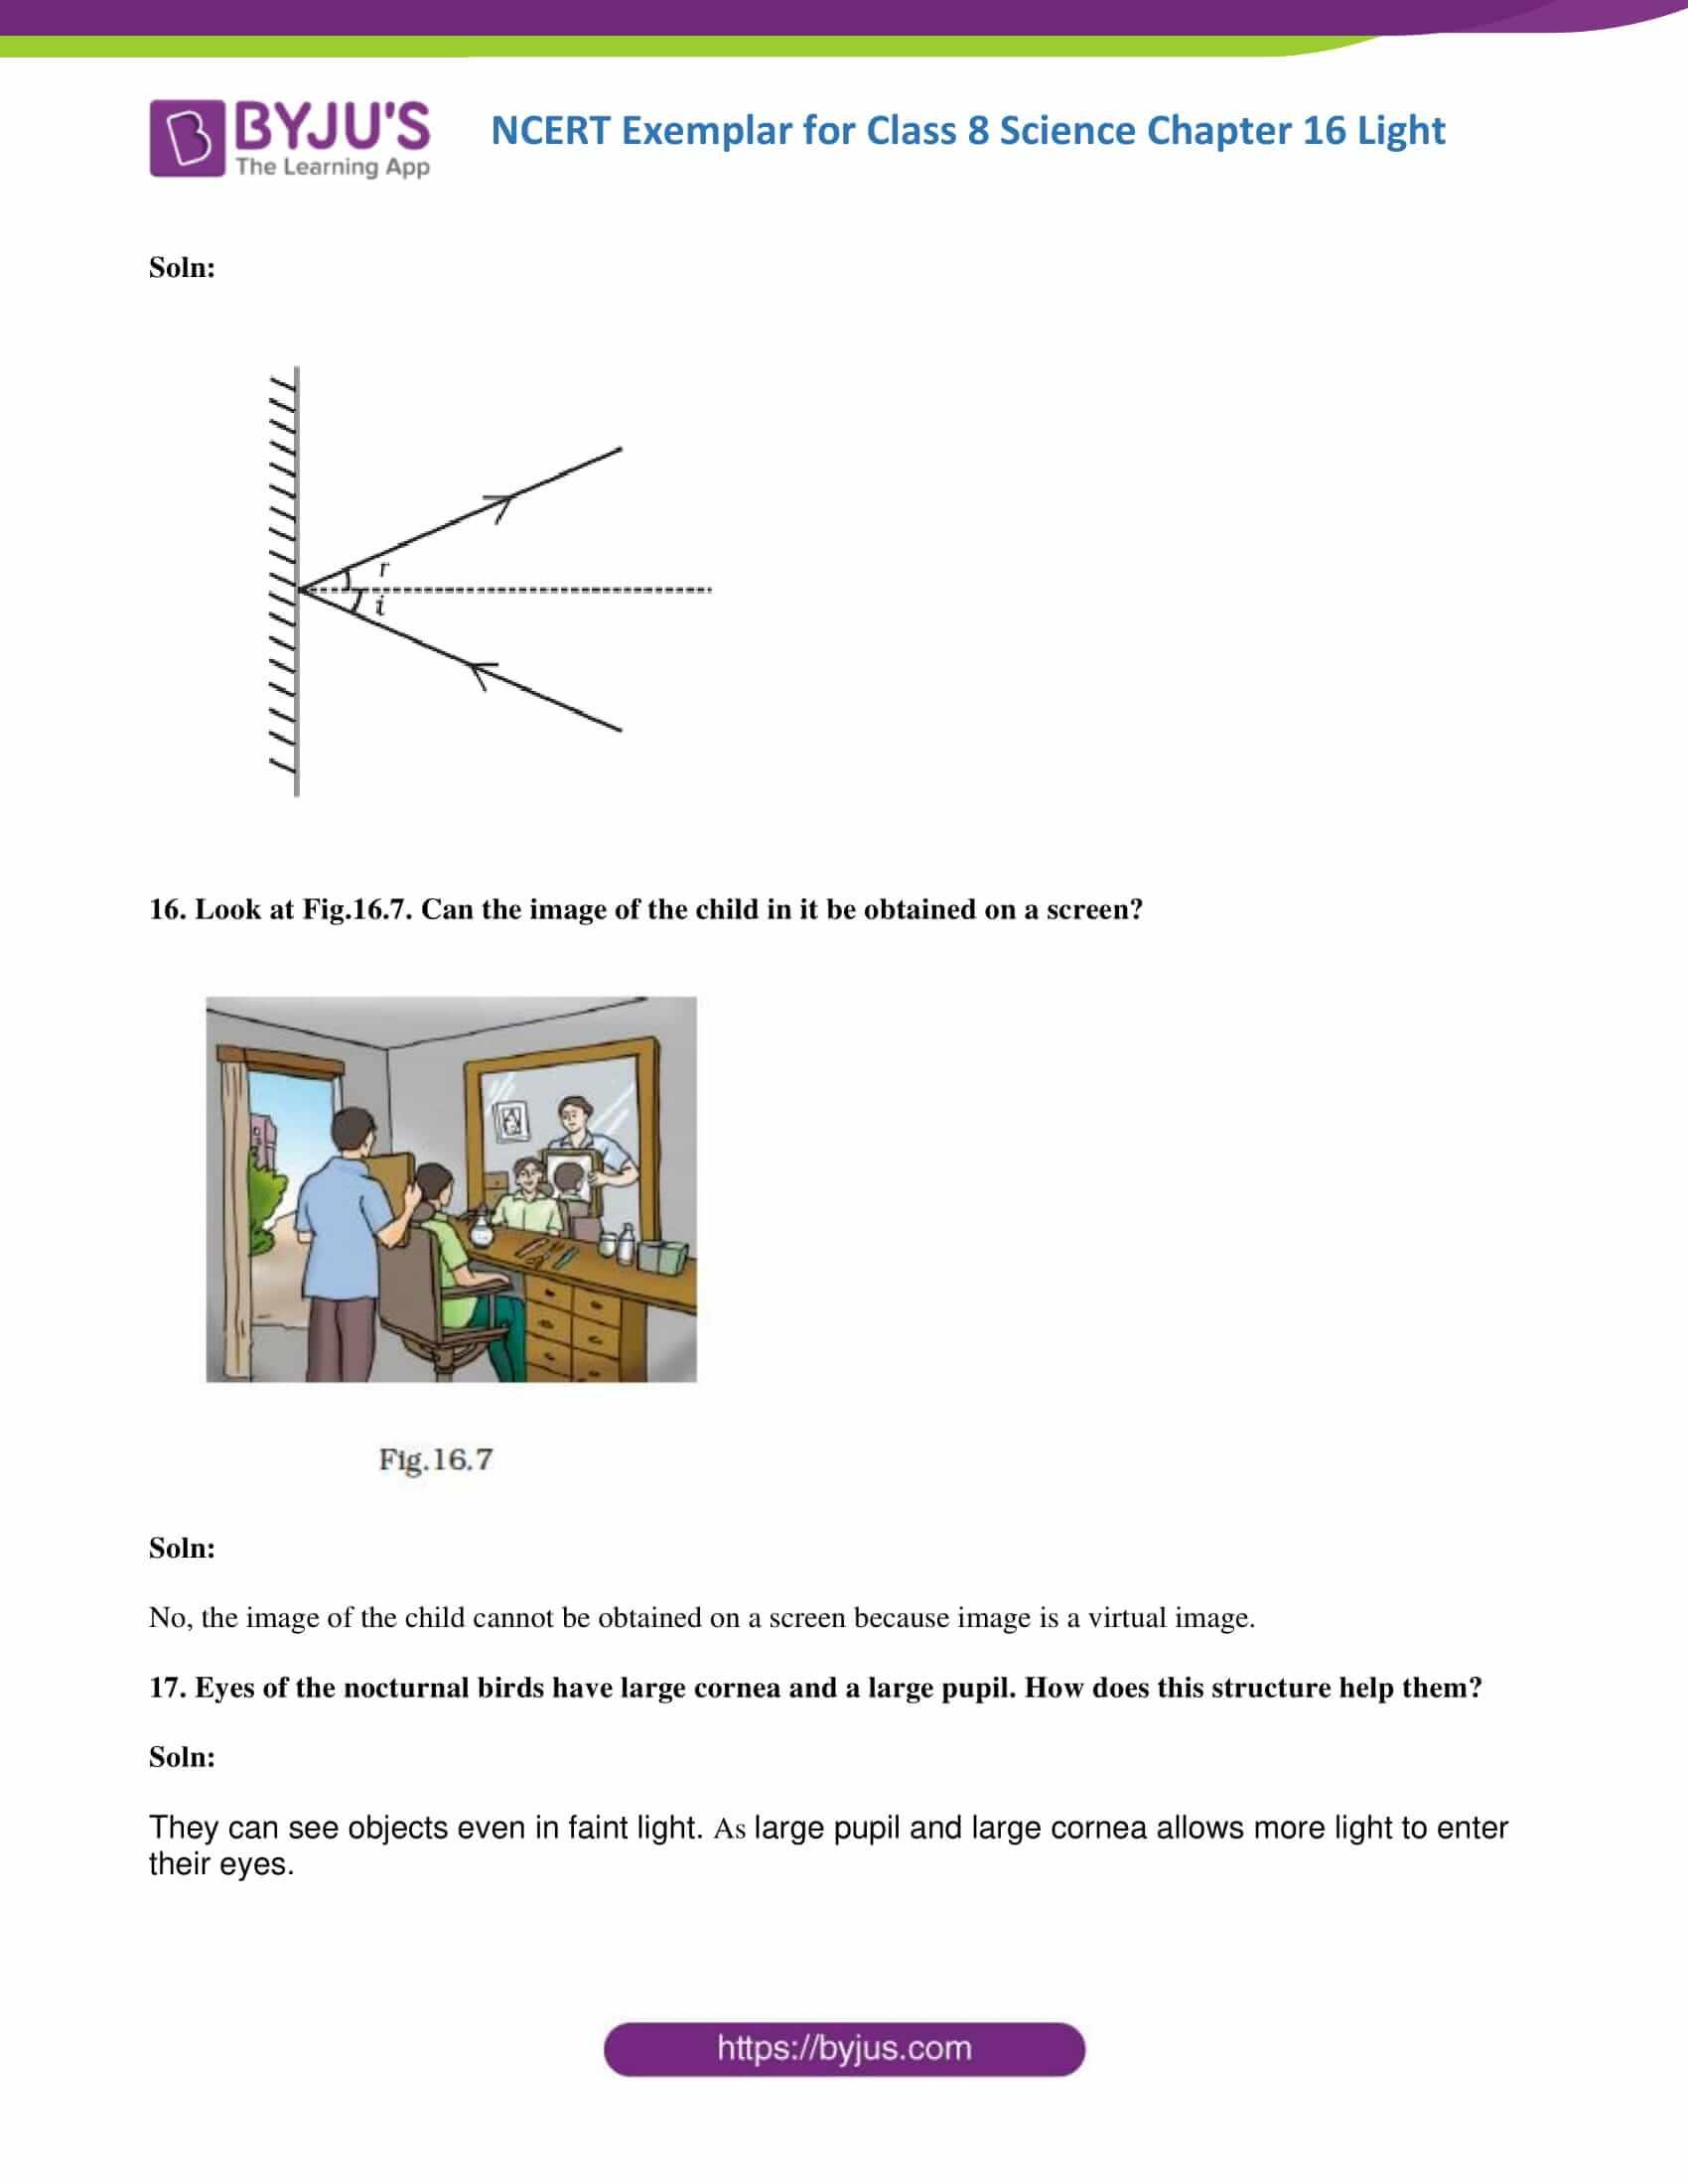 NCERT Exemplar solution class 8 science chapter 16 part 07